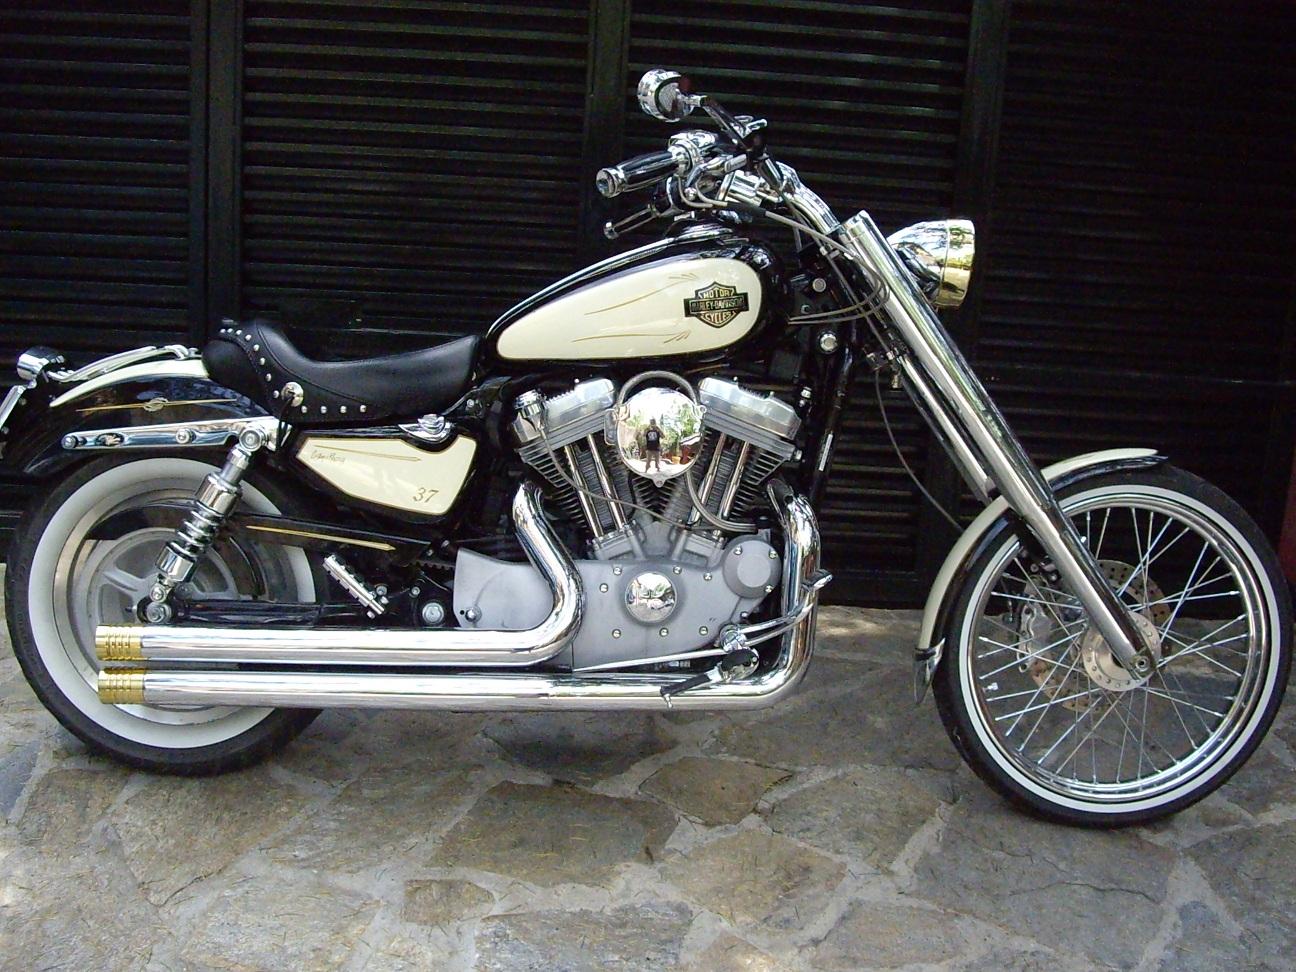 Preparación  Harley-Davidson XL2